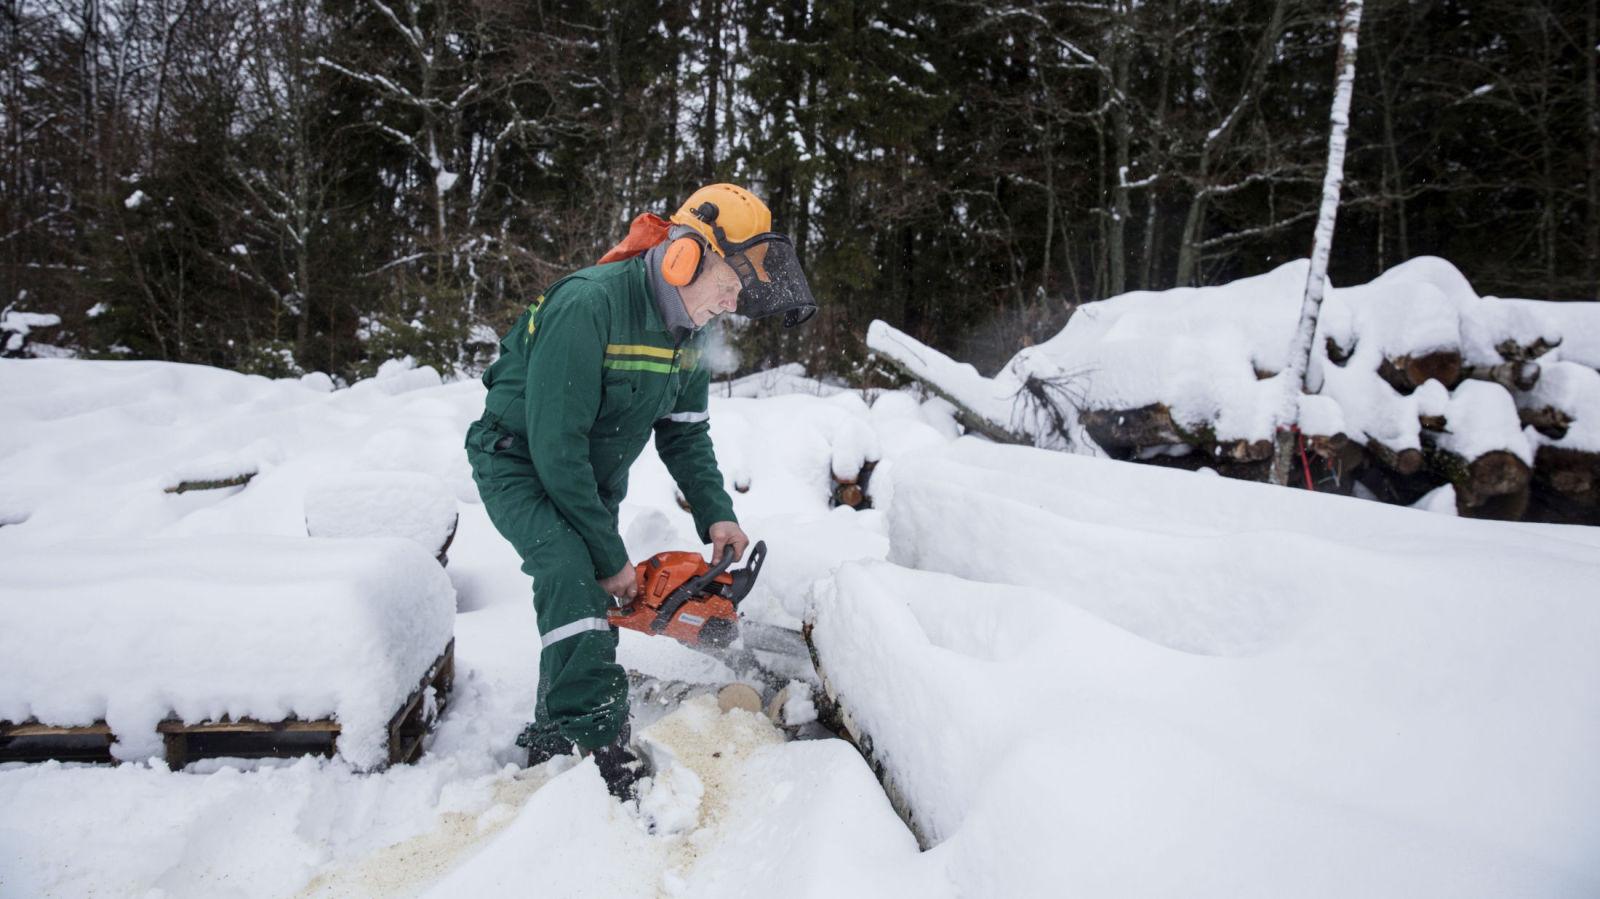 SAGER VED: Jan Erik Jørgensen har pensjonert seg fra både gårdsdrift og snekkerjobb, men trives i skogen med skikkelig skogsarbeid.